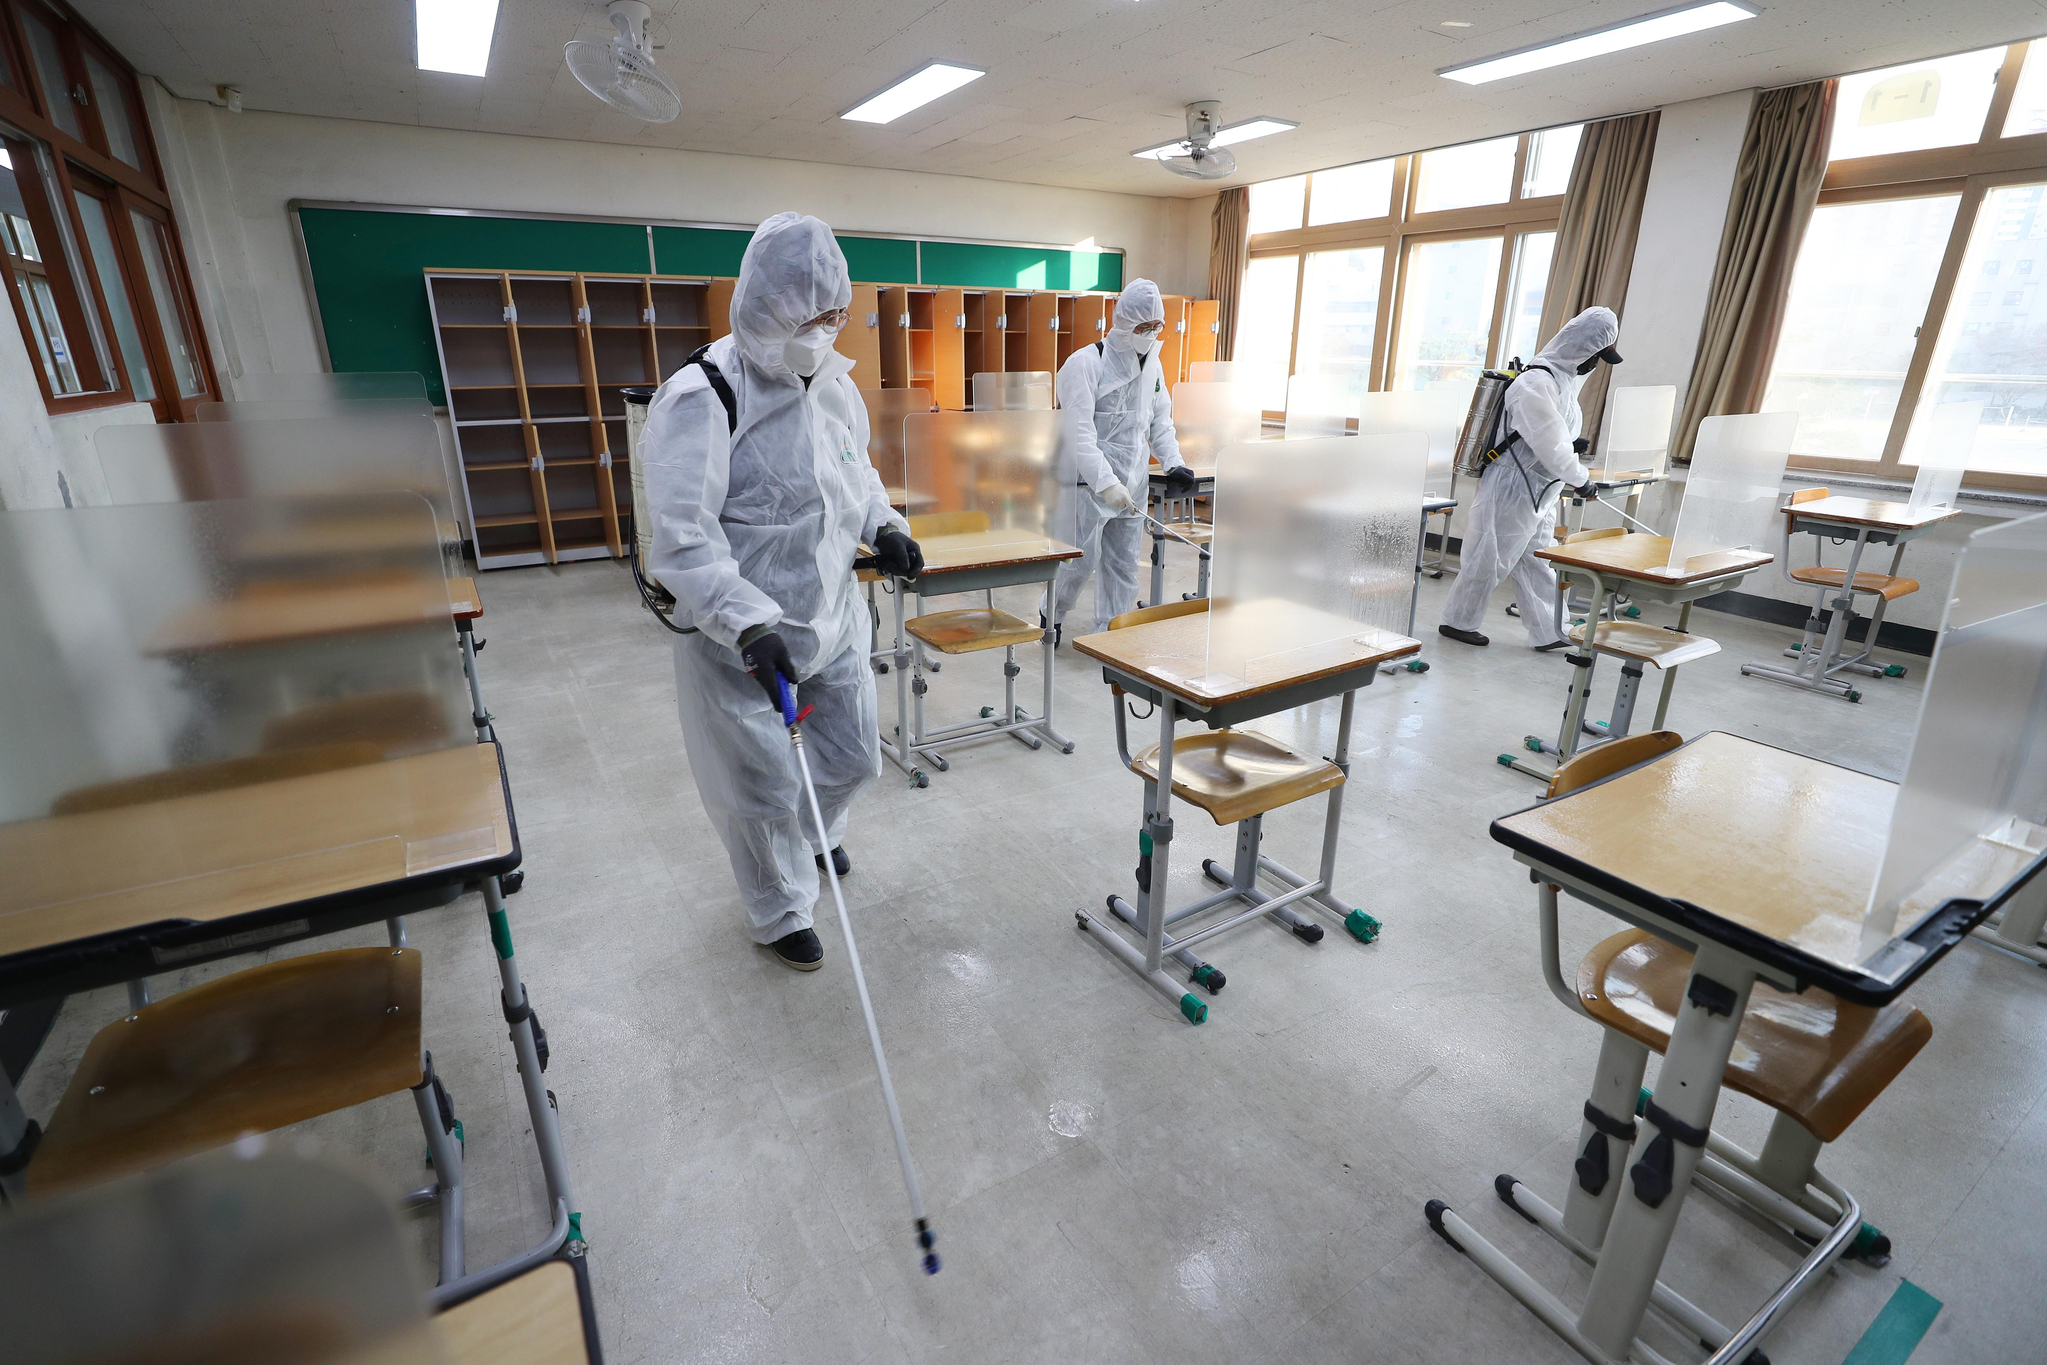 하루만에 학생 38명 무더기 확진··수능 일주일 전 학교 비상